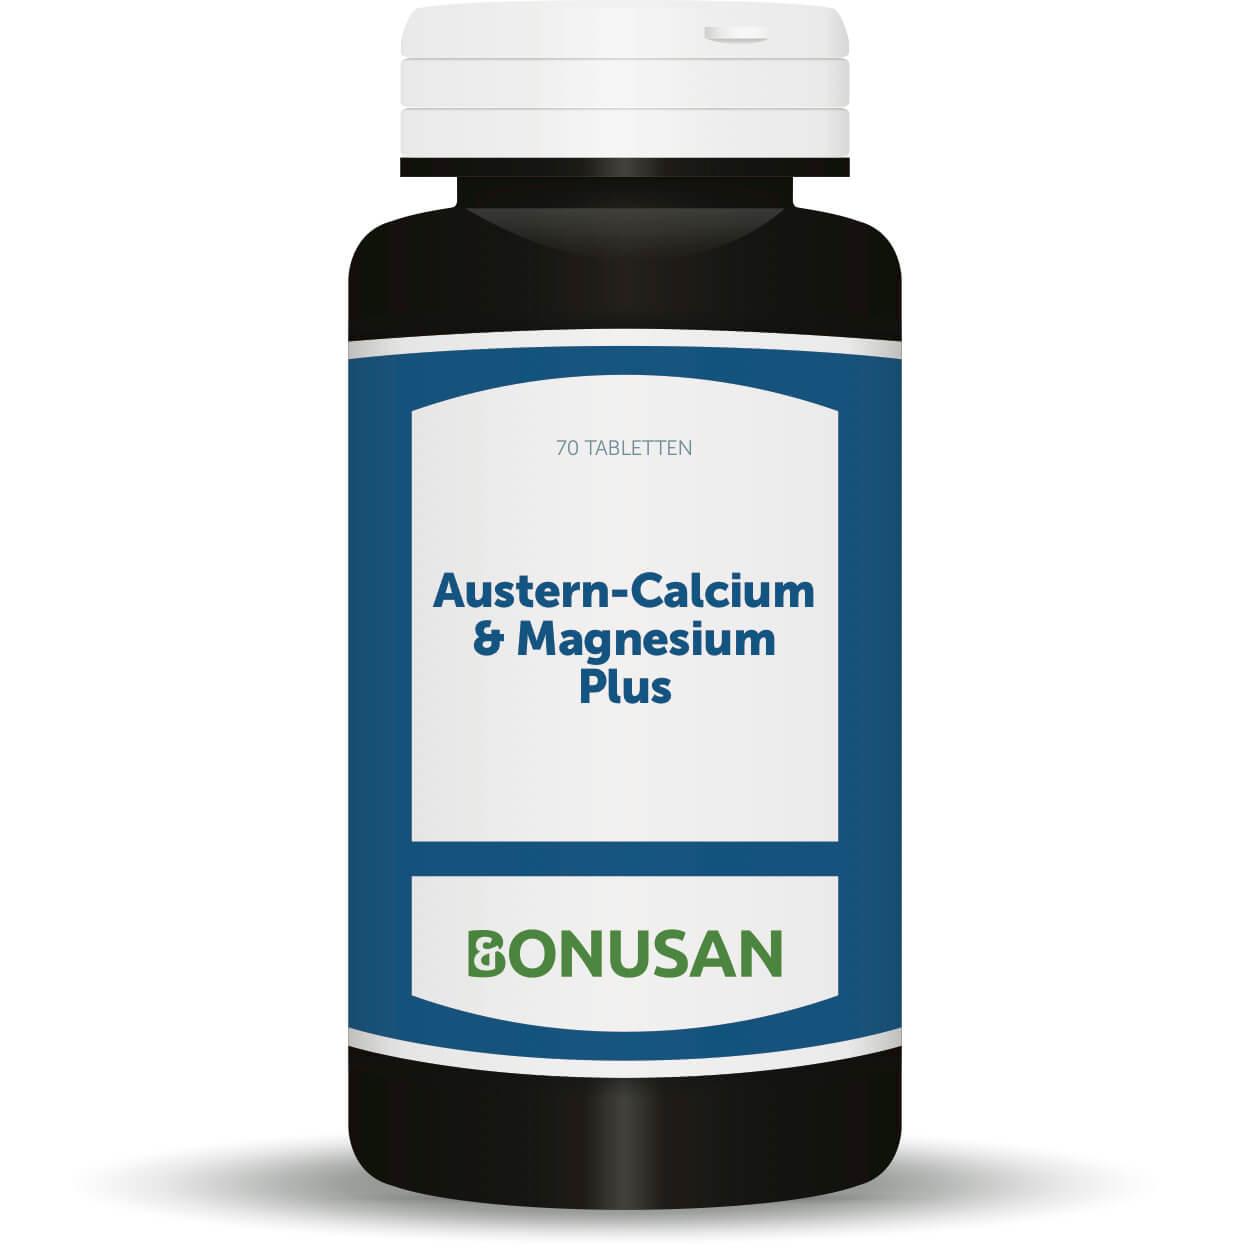 Austern-Calcium plus